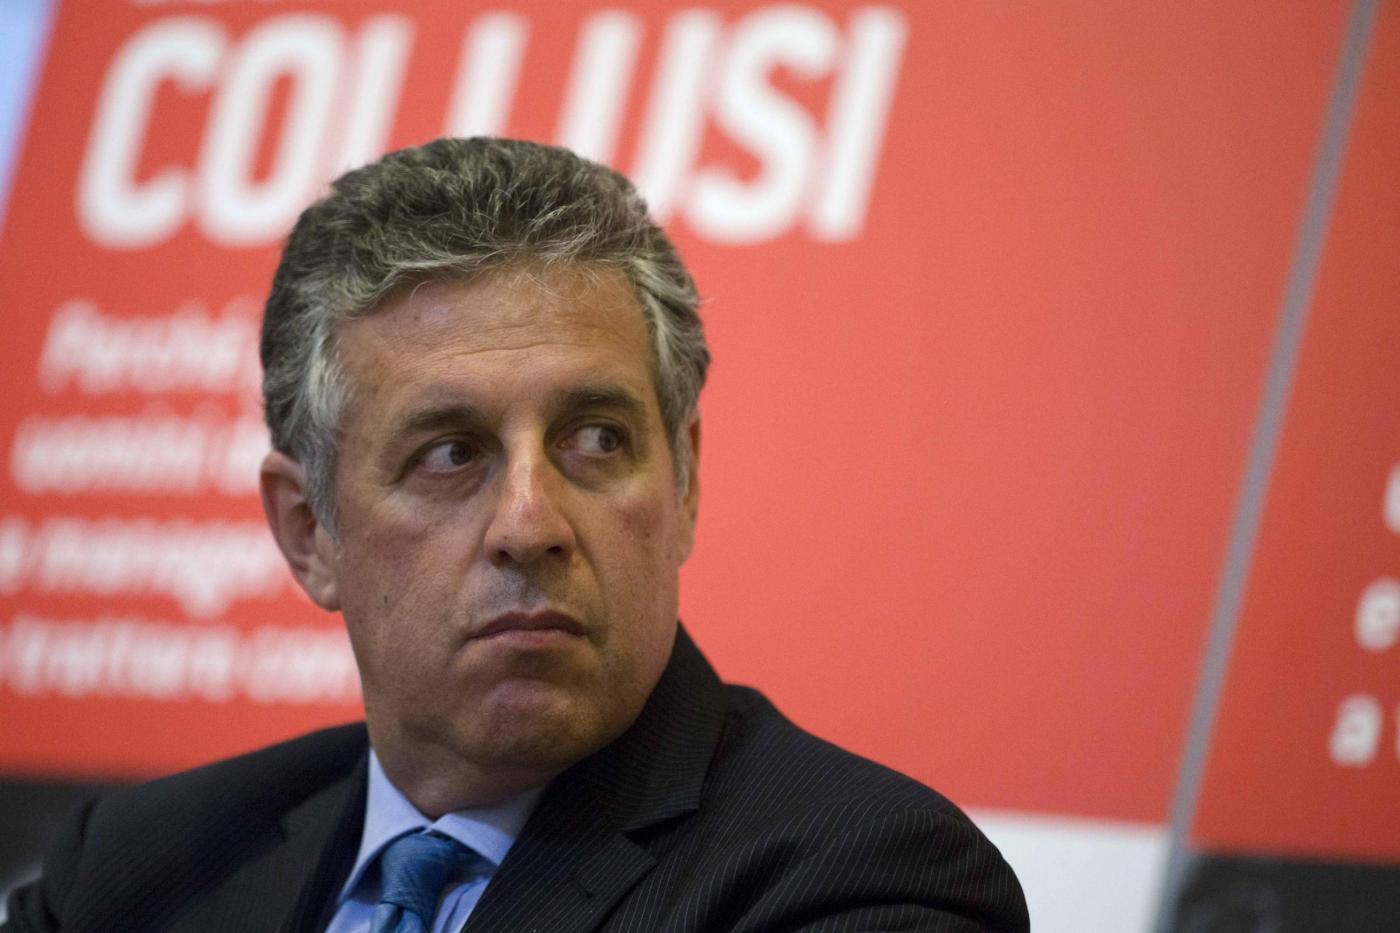 """Presentazione del libro """"Collusi"""" di Nino Di Matteo"""